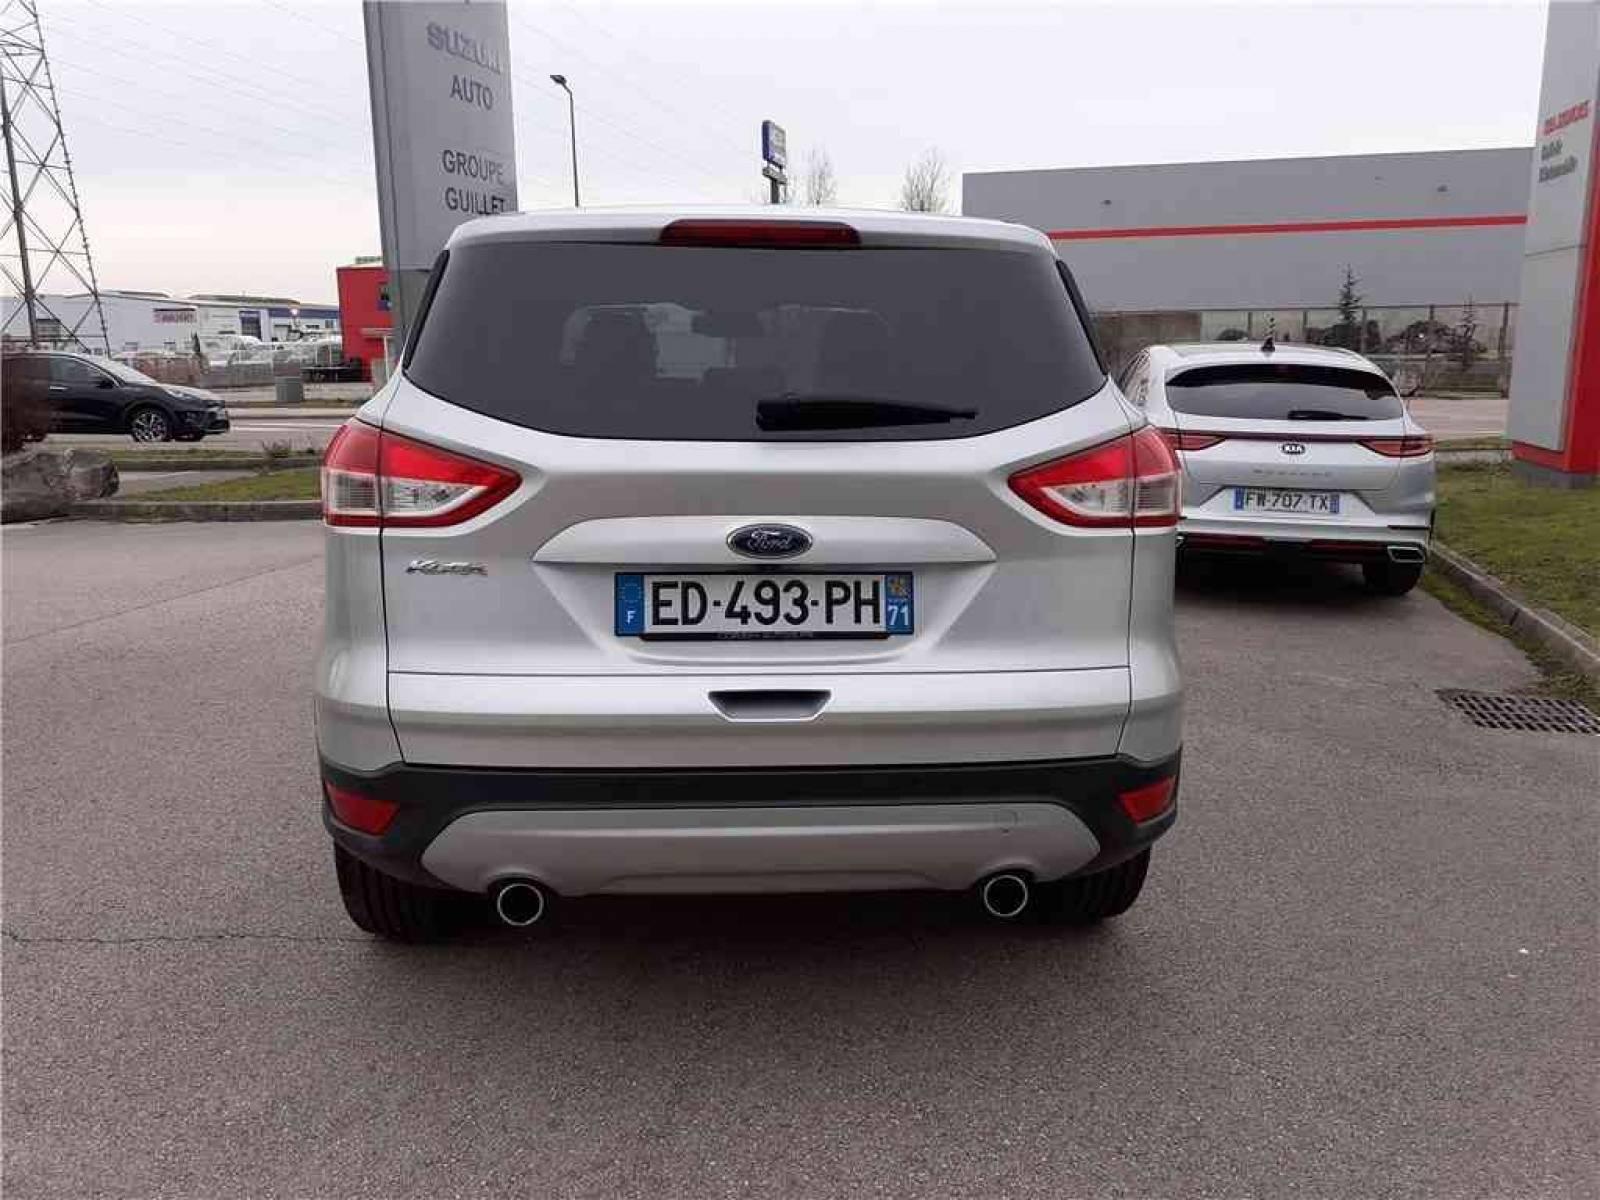 FORD Kuga 2.0 TDCi 150 S&S 4x4 - véhicule d'occasion - Groupe Guillet - Hall de l'automobile - Chalon sur Saône - 71380 - Saint-Marcel - 6